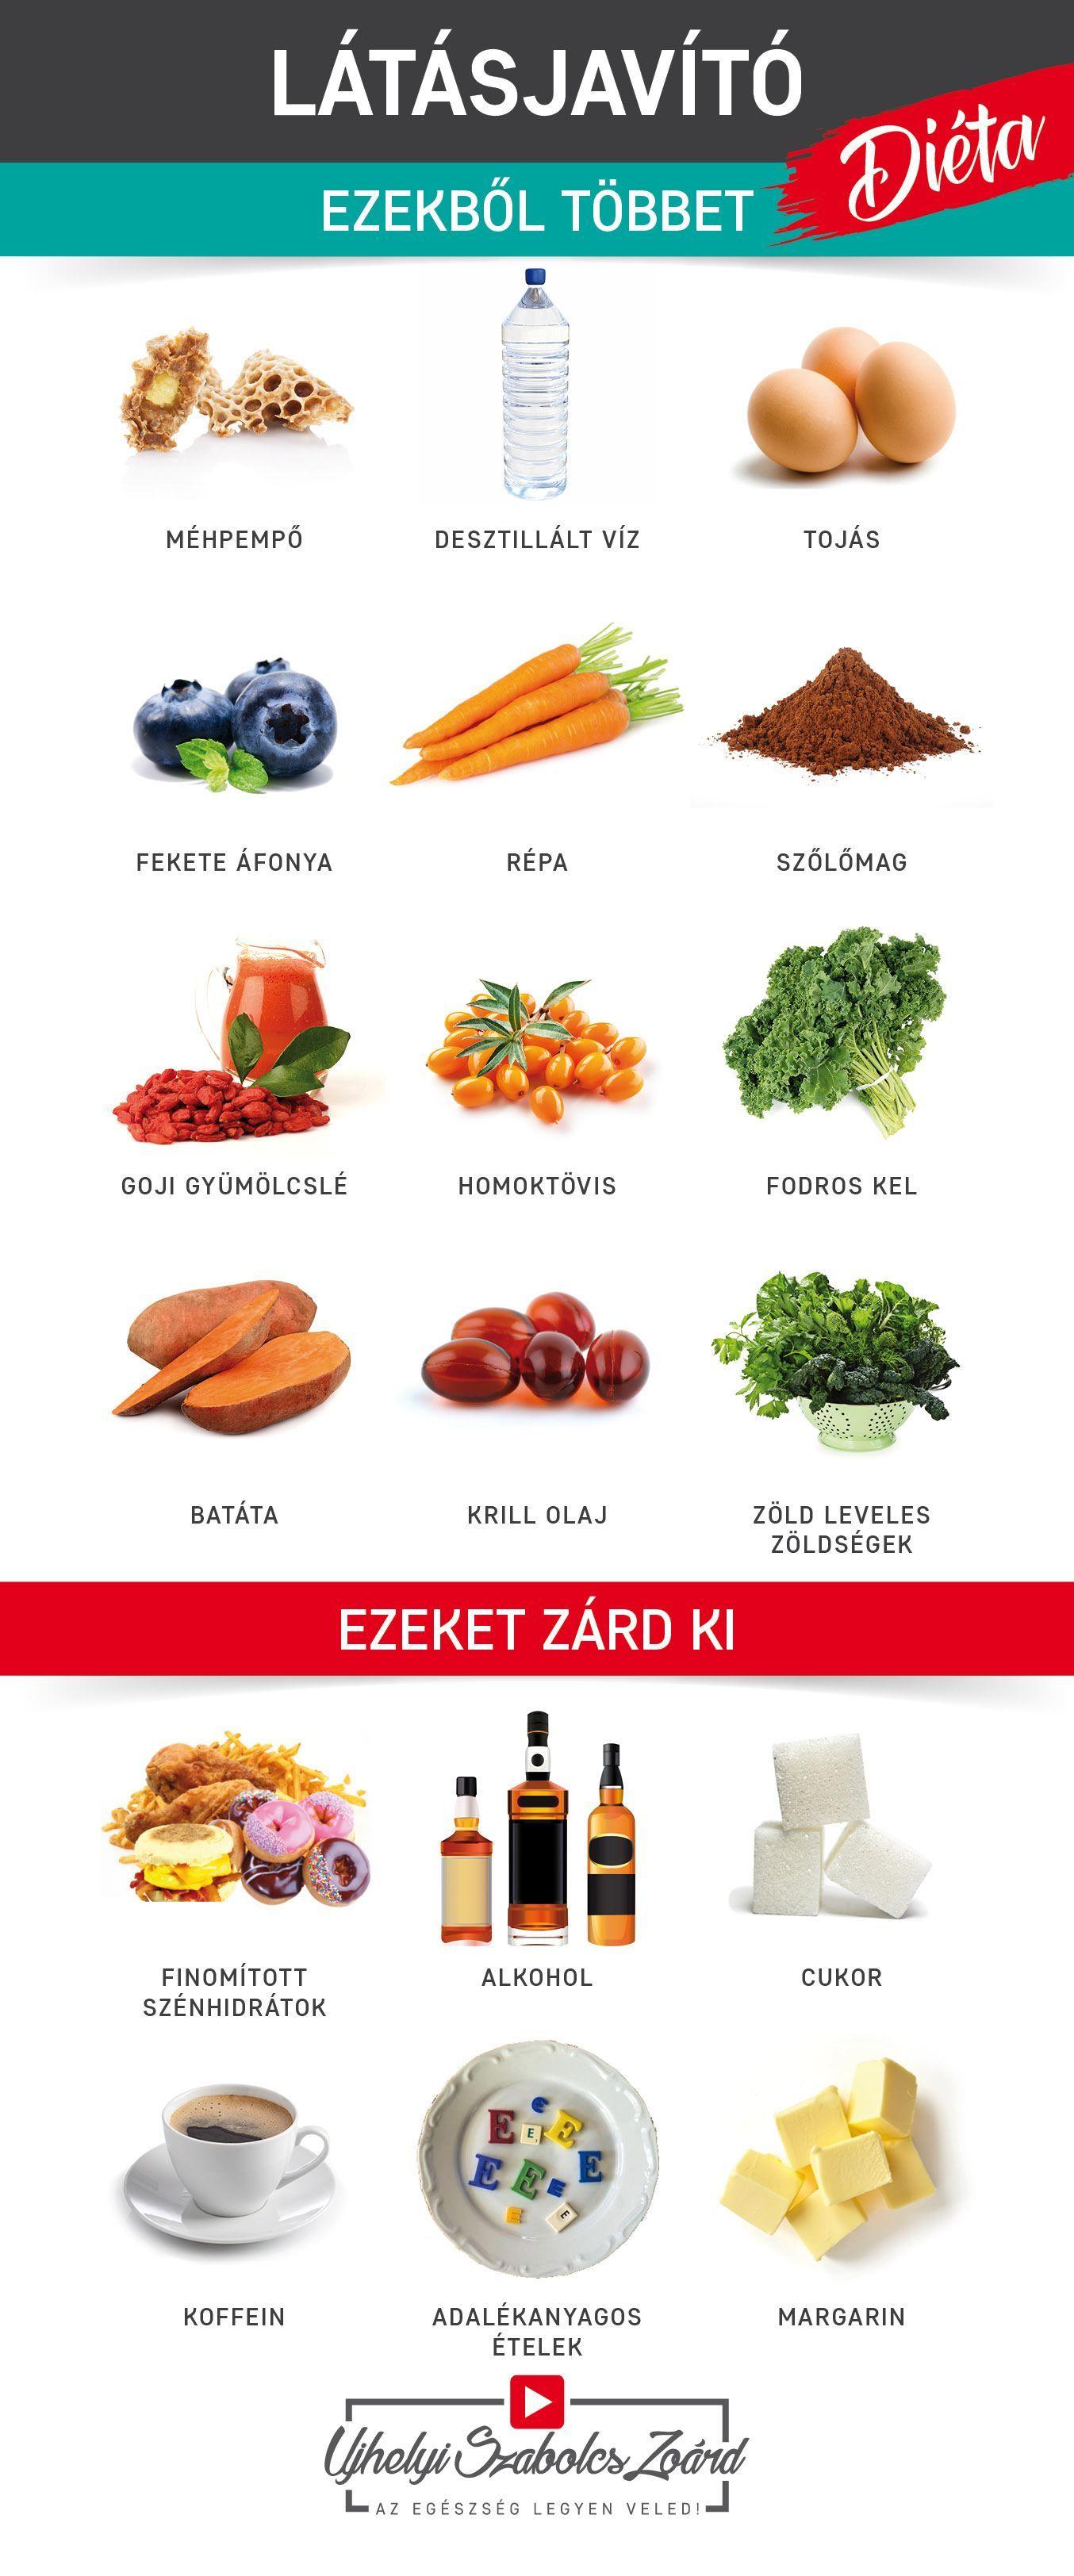 vitaminok és ételek a látás javítása érdekében gyakorlat a progresszív rövidlátás érdekében